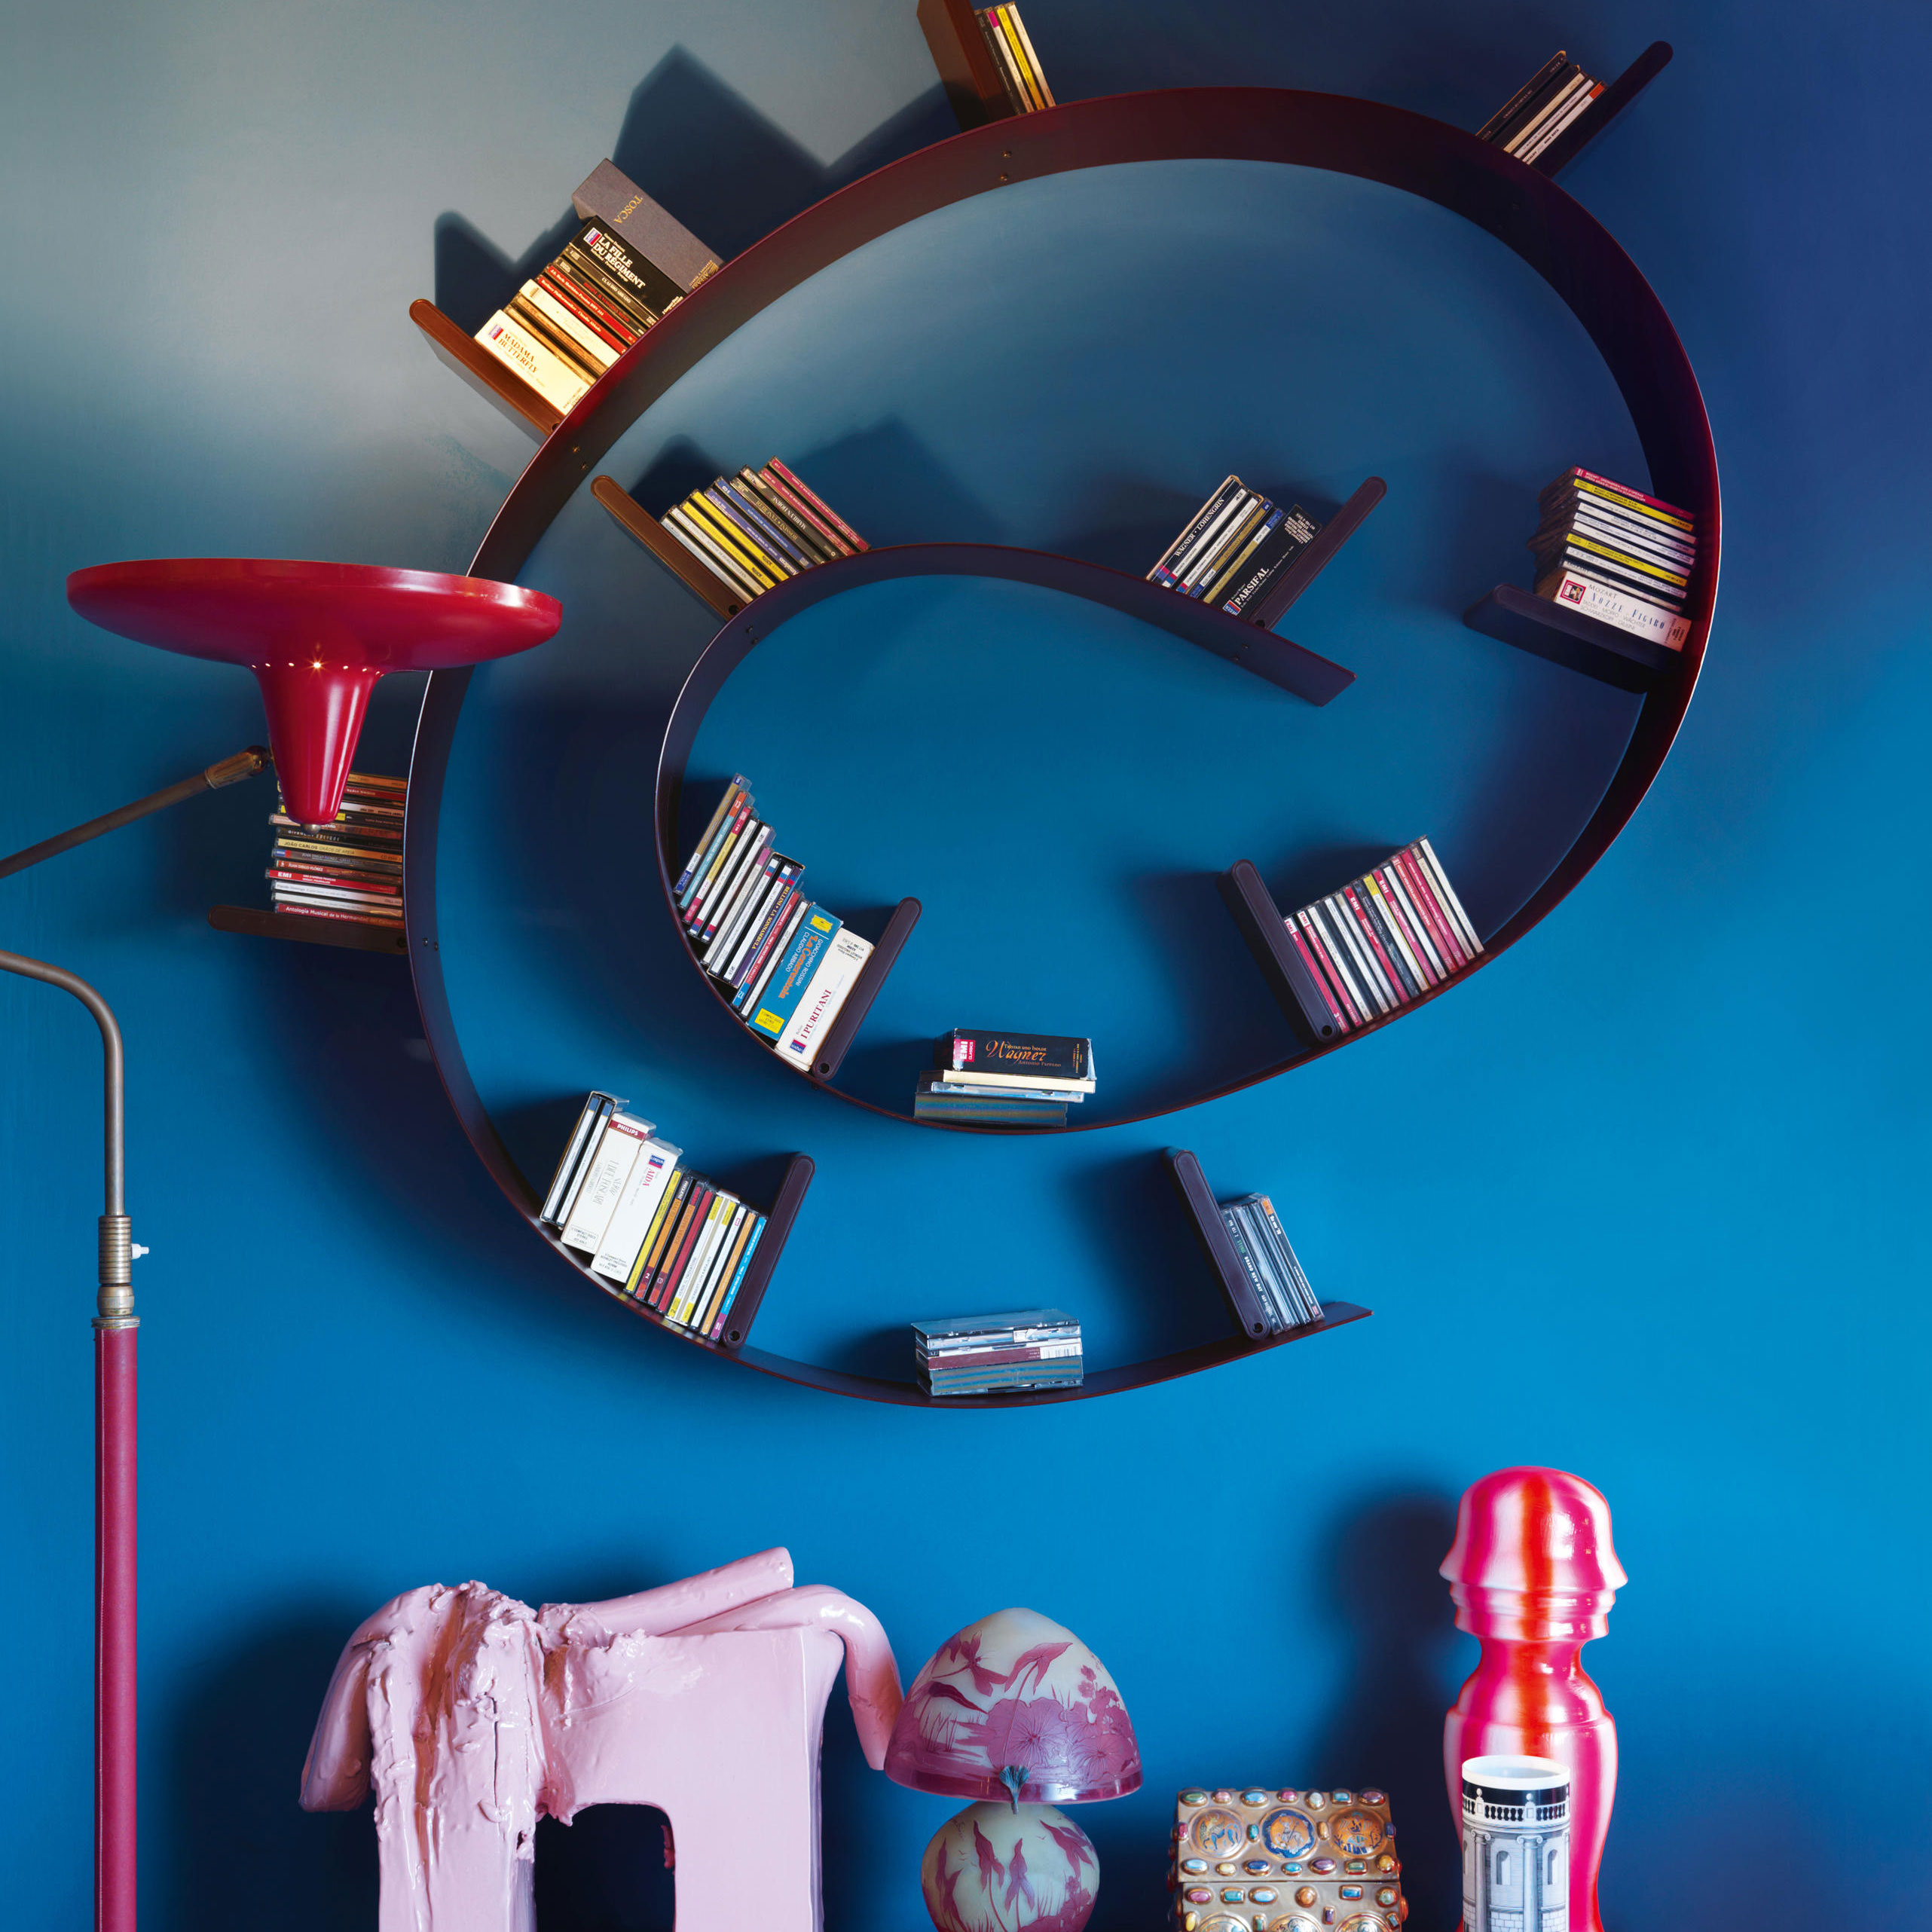 Ideeën voor een leuke meisjeskamer - Kartell - vtwonen